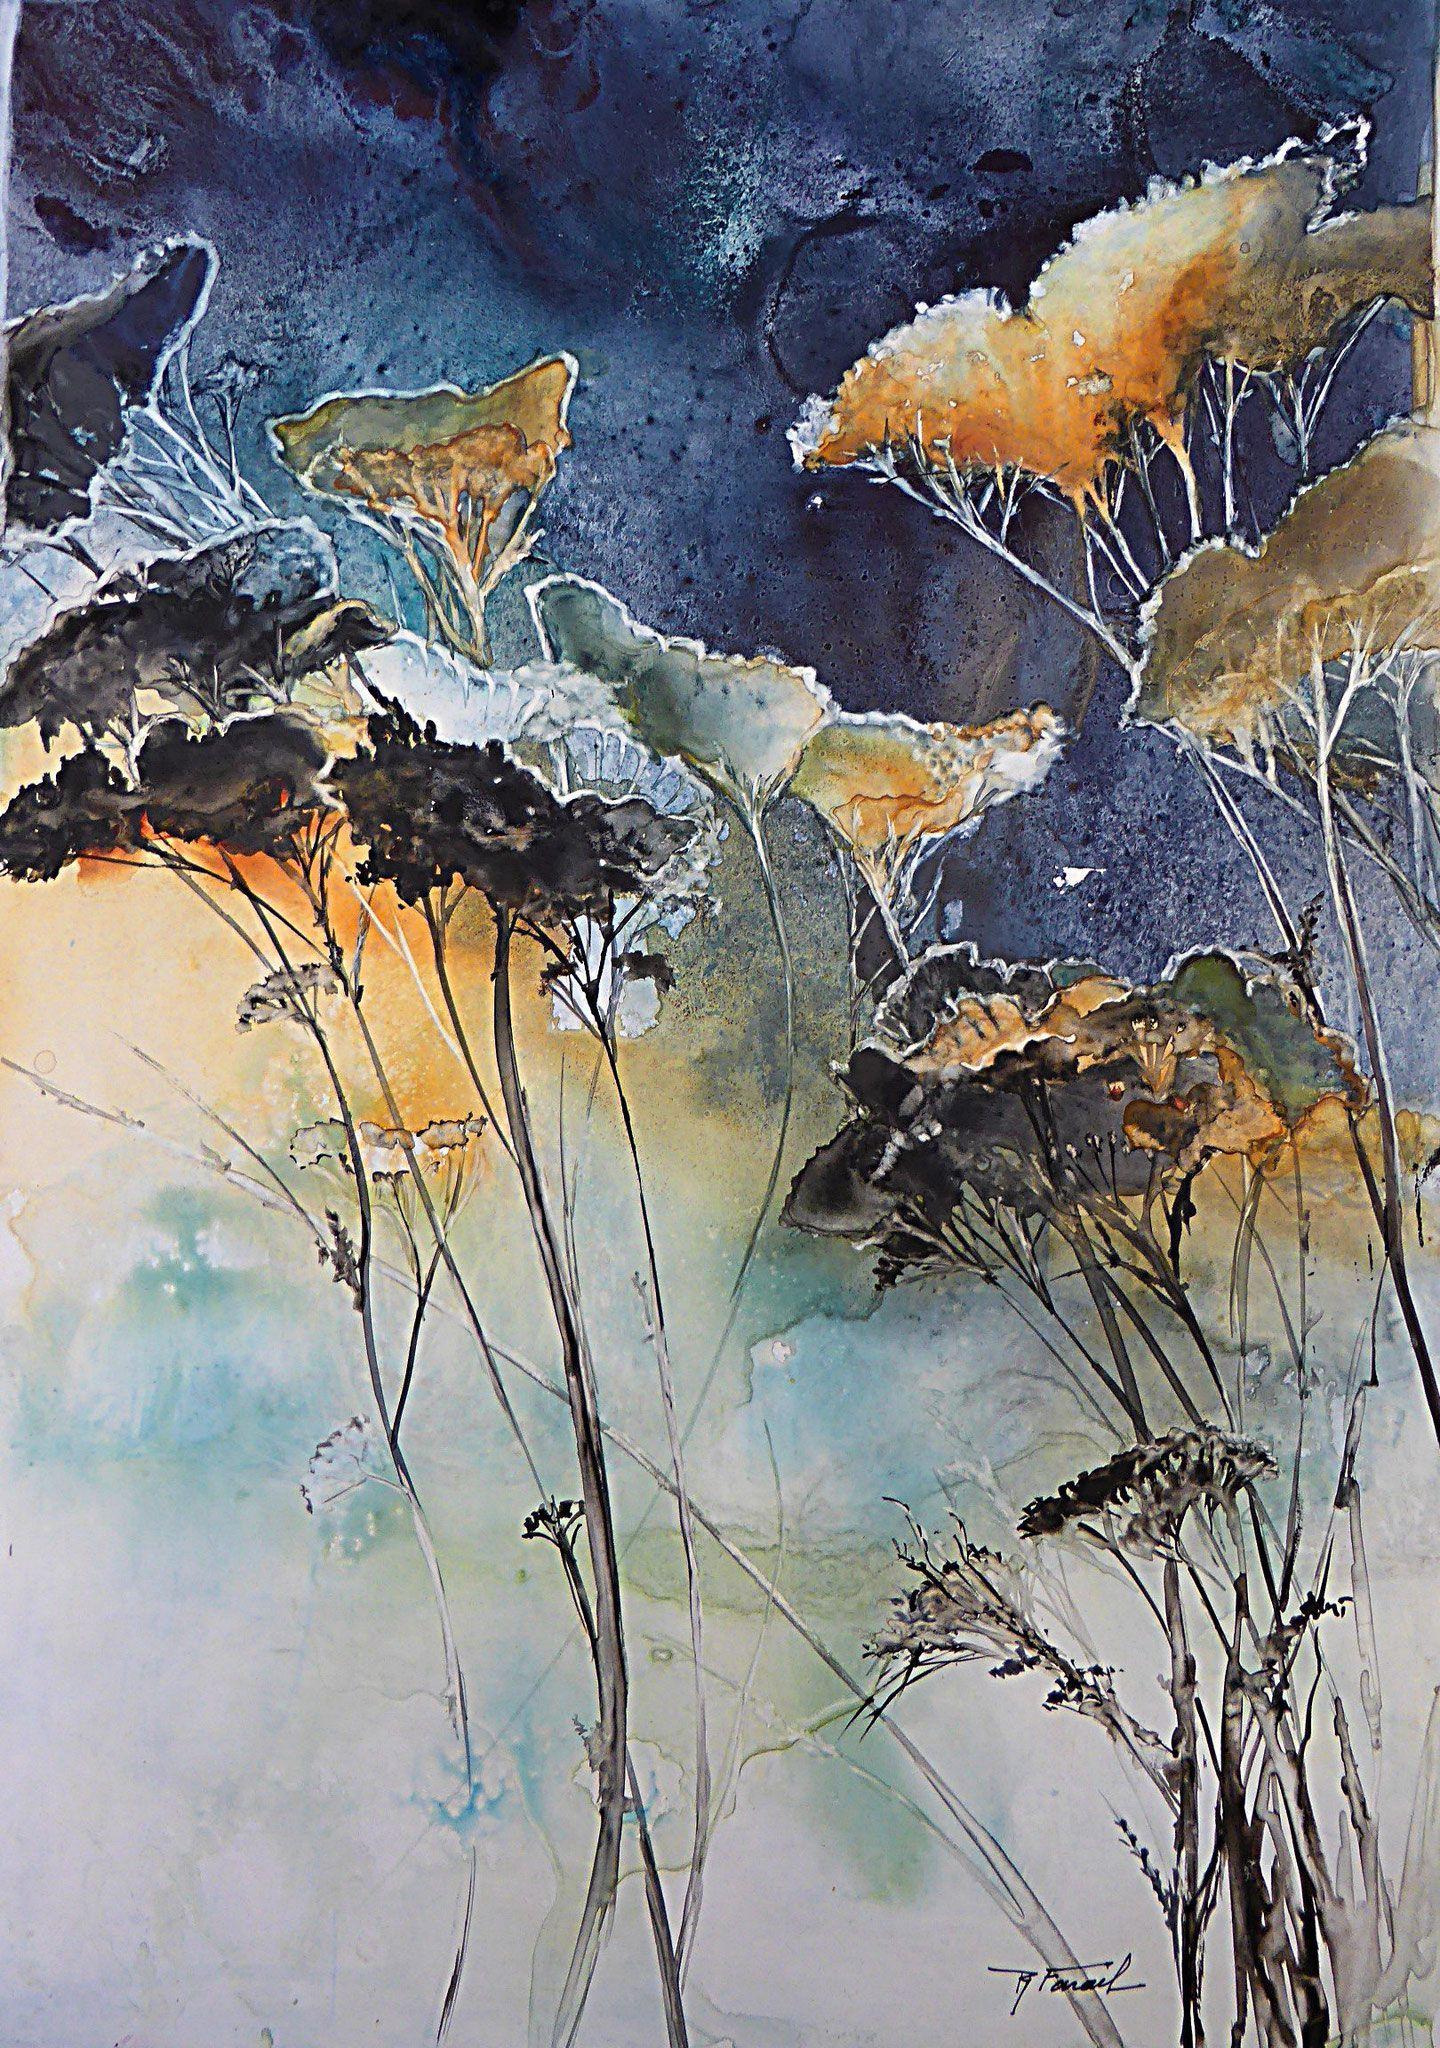 Quelques Aquarelles Recentesen Vrac Des Floralites Des